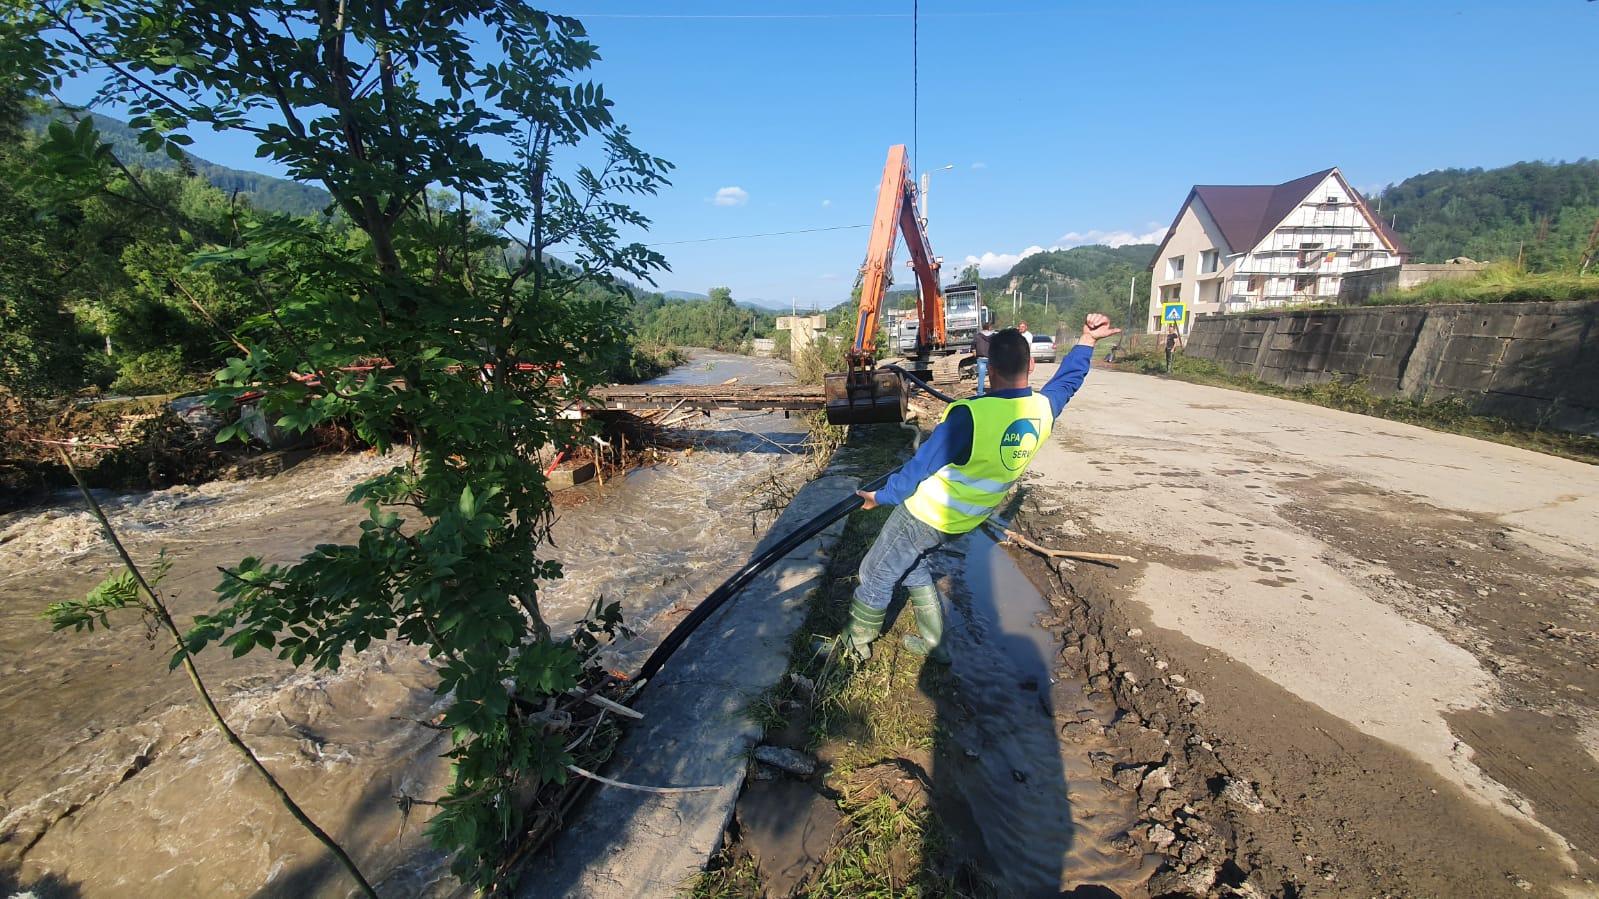 Furnizarea apei, în regim restricționat în mai multe localități din Valea Jiului, din cauza unor avarii grave la sistemul de aducțiune de la Valea de Pești